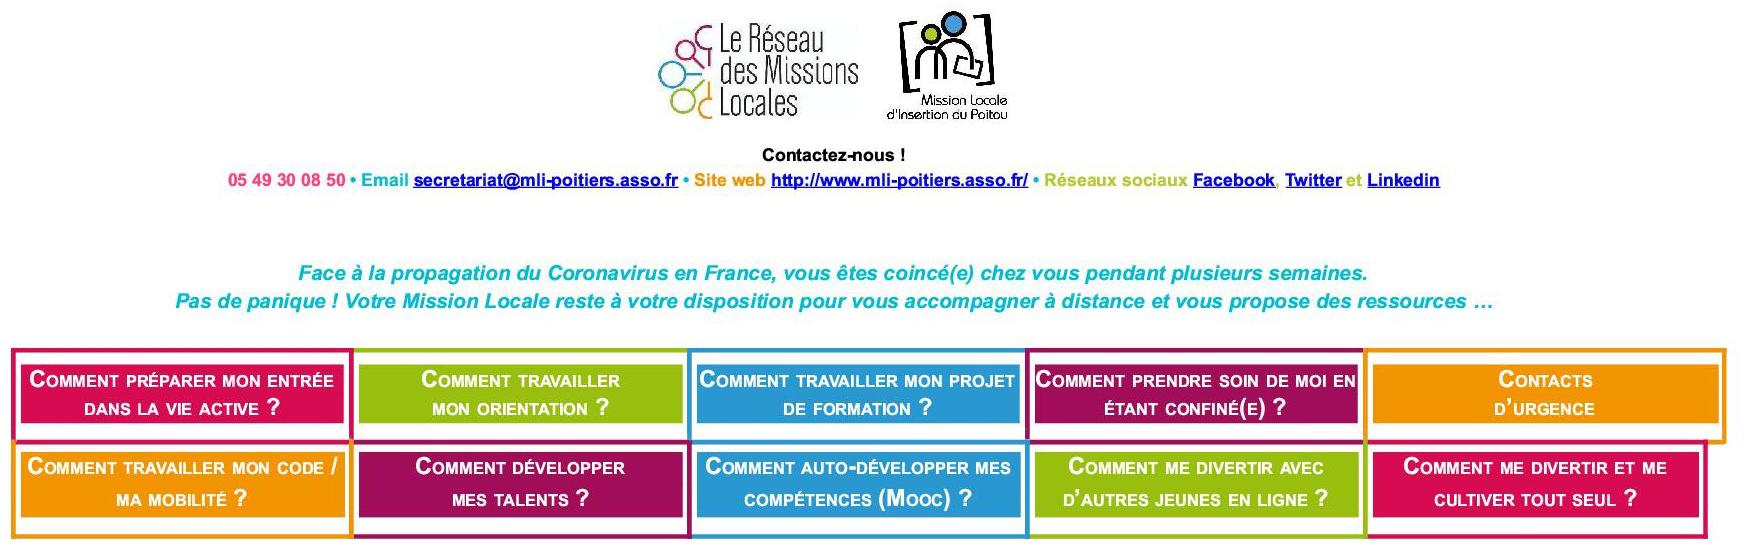 Page Ressources jeunes - Mission Locale d'Insertion du Poitou